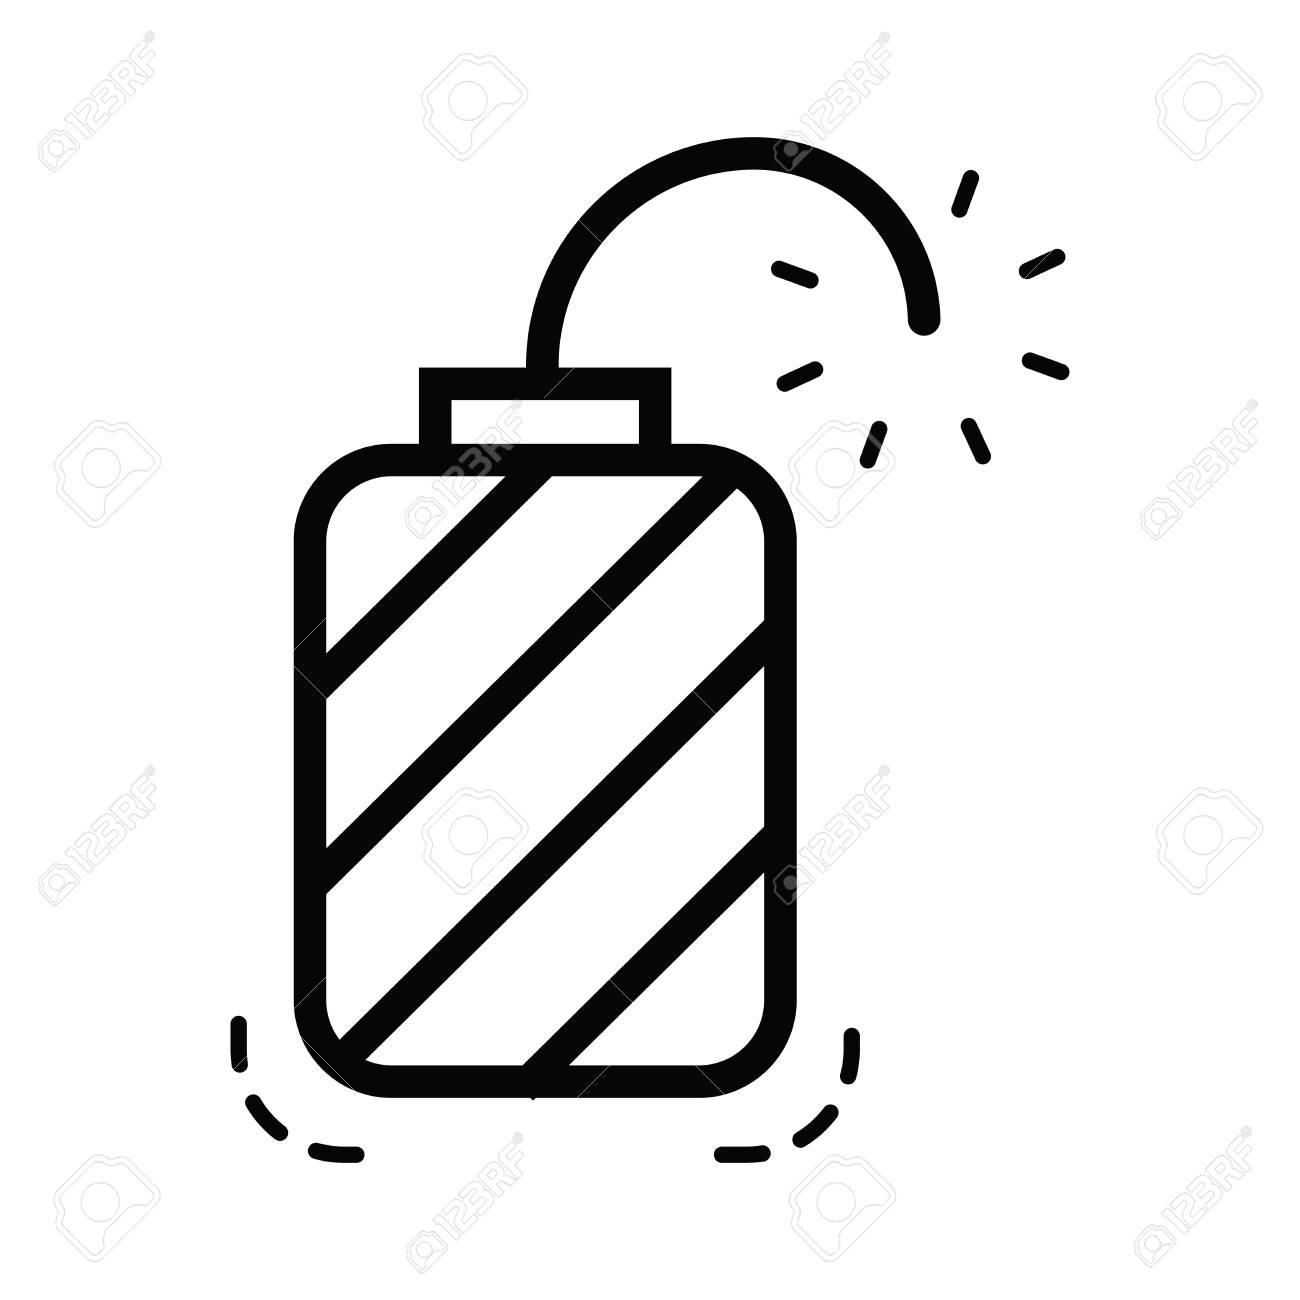 hand grenade icon line style royalty free cliparts vectors and rh 123rf com grenade vector icon